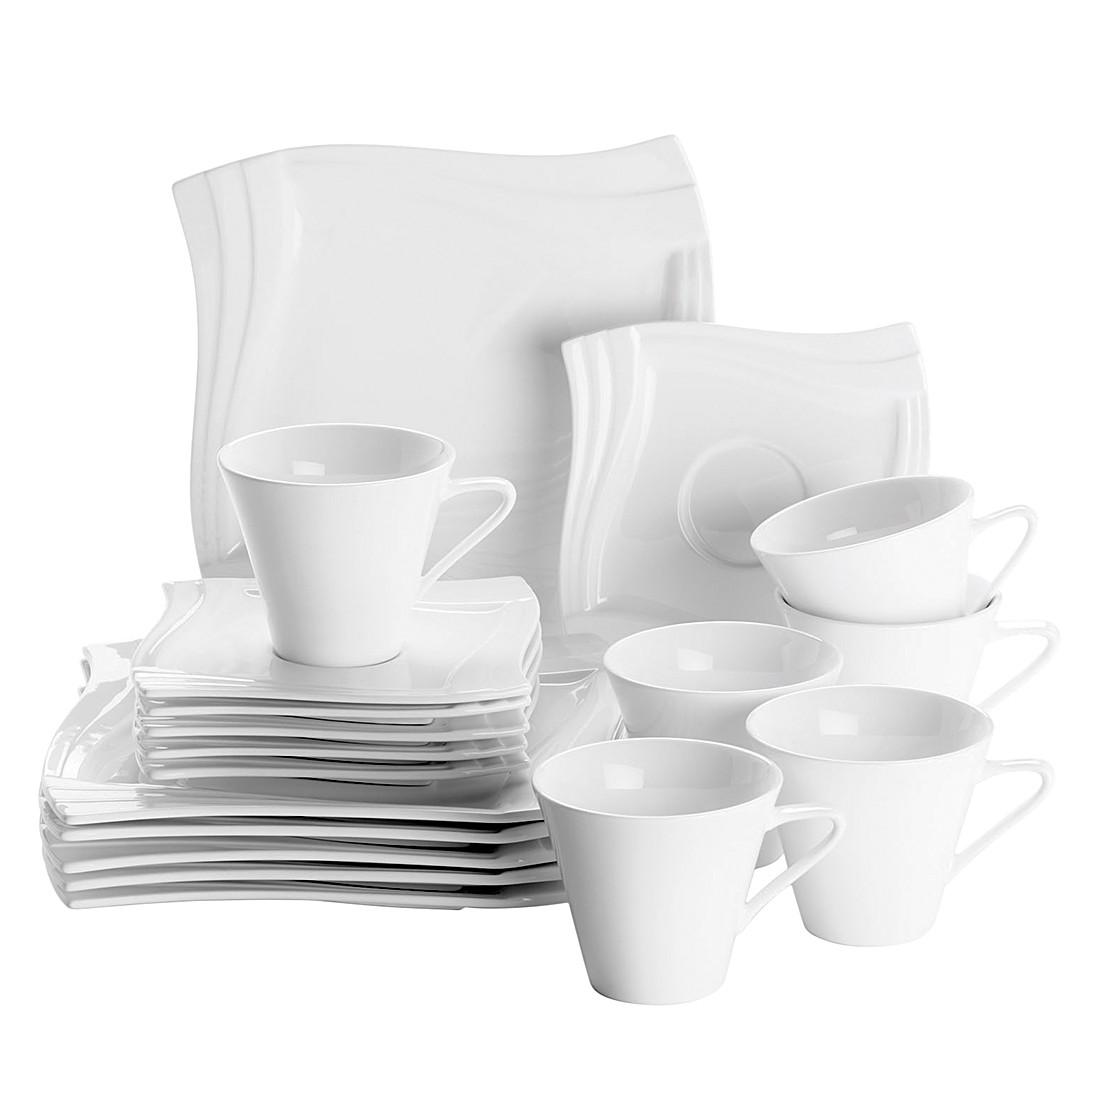 Kaffeeservice (18- teilig) Molina – Aluminiumporzellan/Weiss, Mäser bestellen